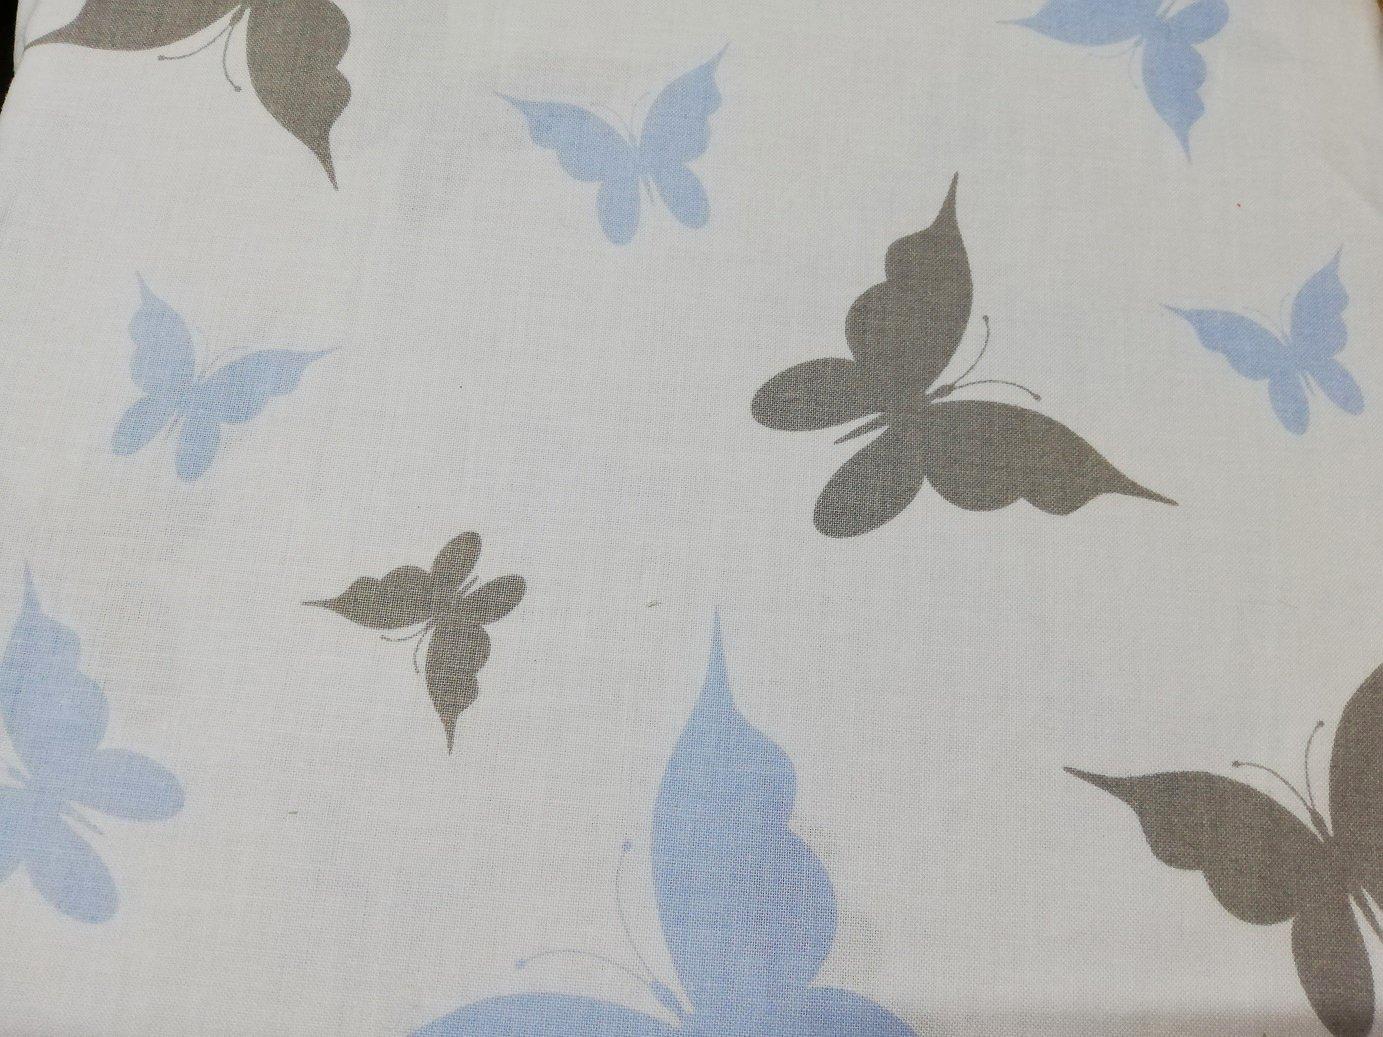 Bavlnìné prostìradlo 120x60 cm bílé s šedo-modrými motýlky - zvìtšit obrázek